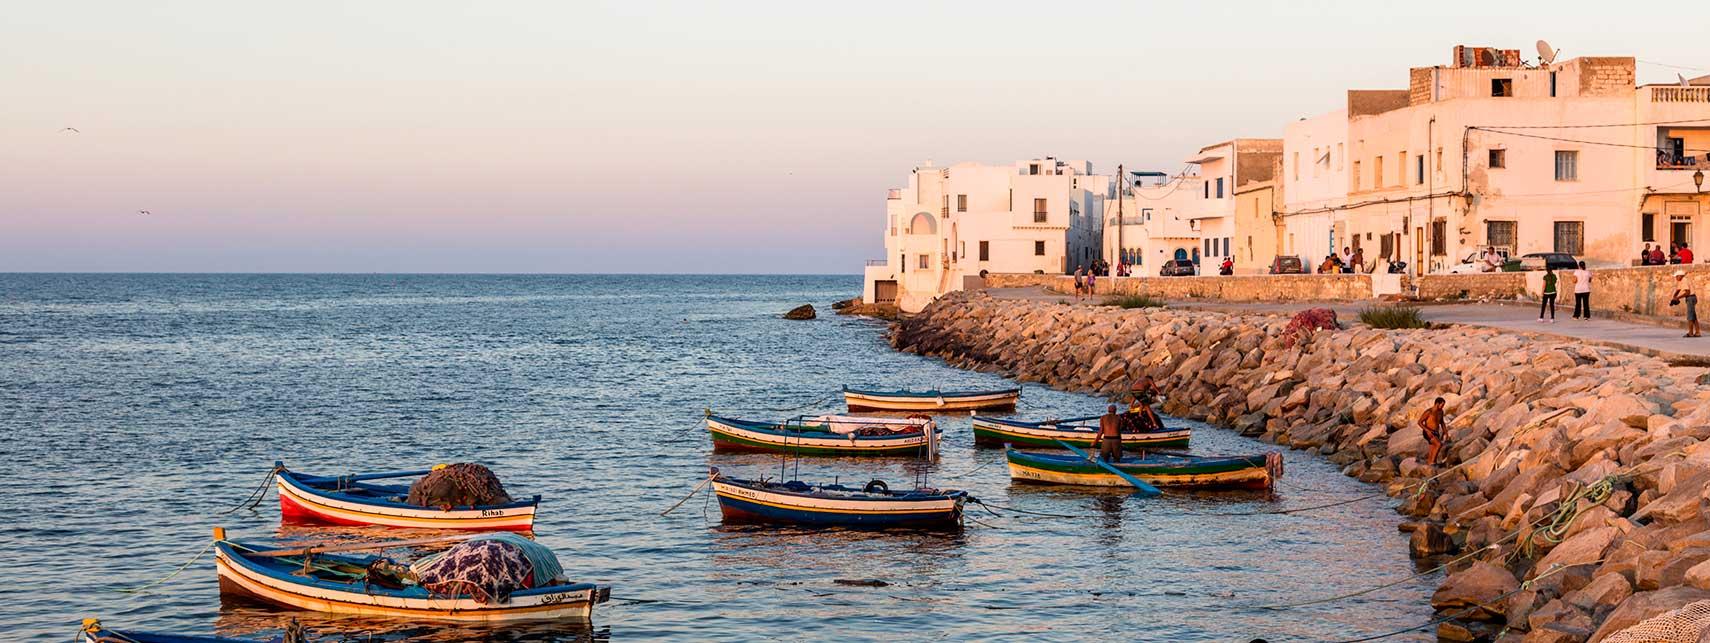 آموزش سالاد مِشویا یکی از پیش غذاهای  سالم ، مقوی و محبوب رایج در کشور تونس، ایتالیا و یونان